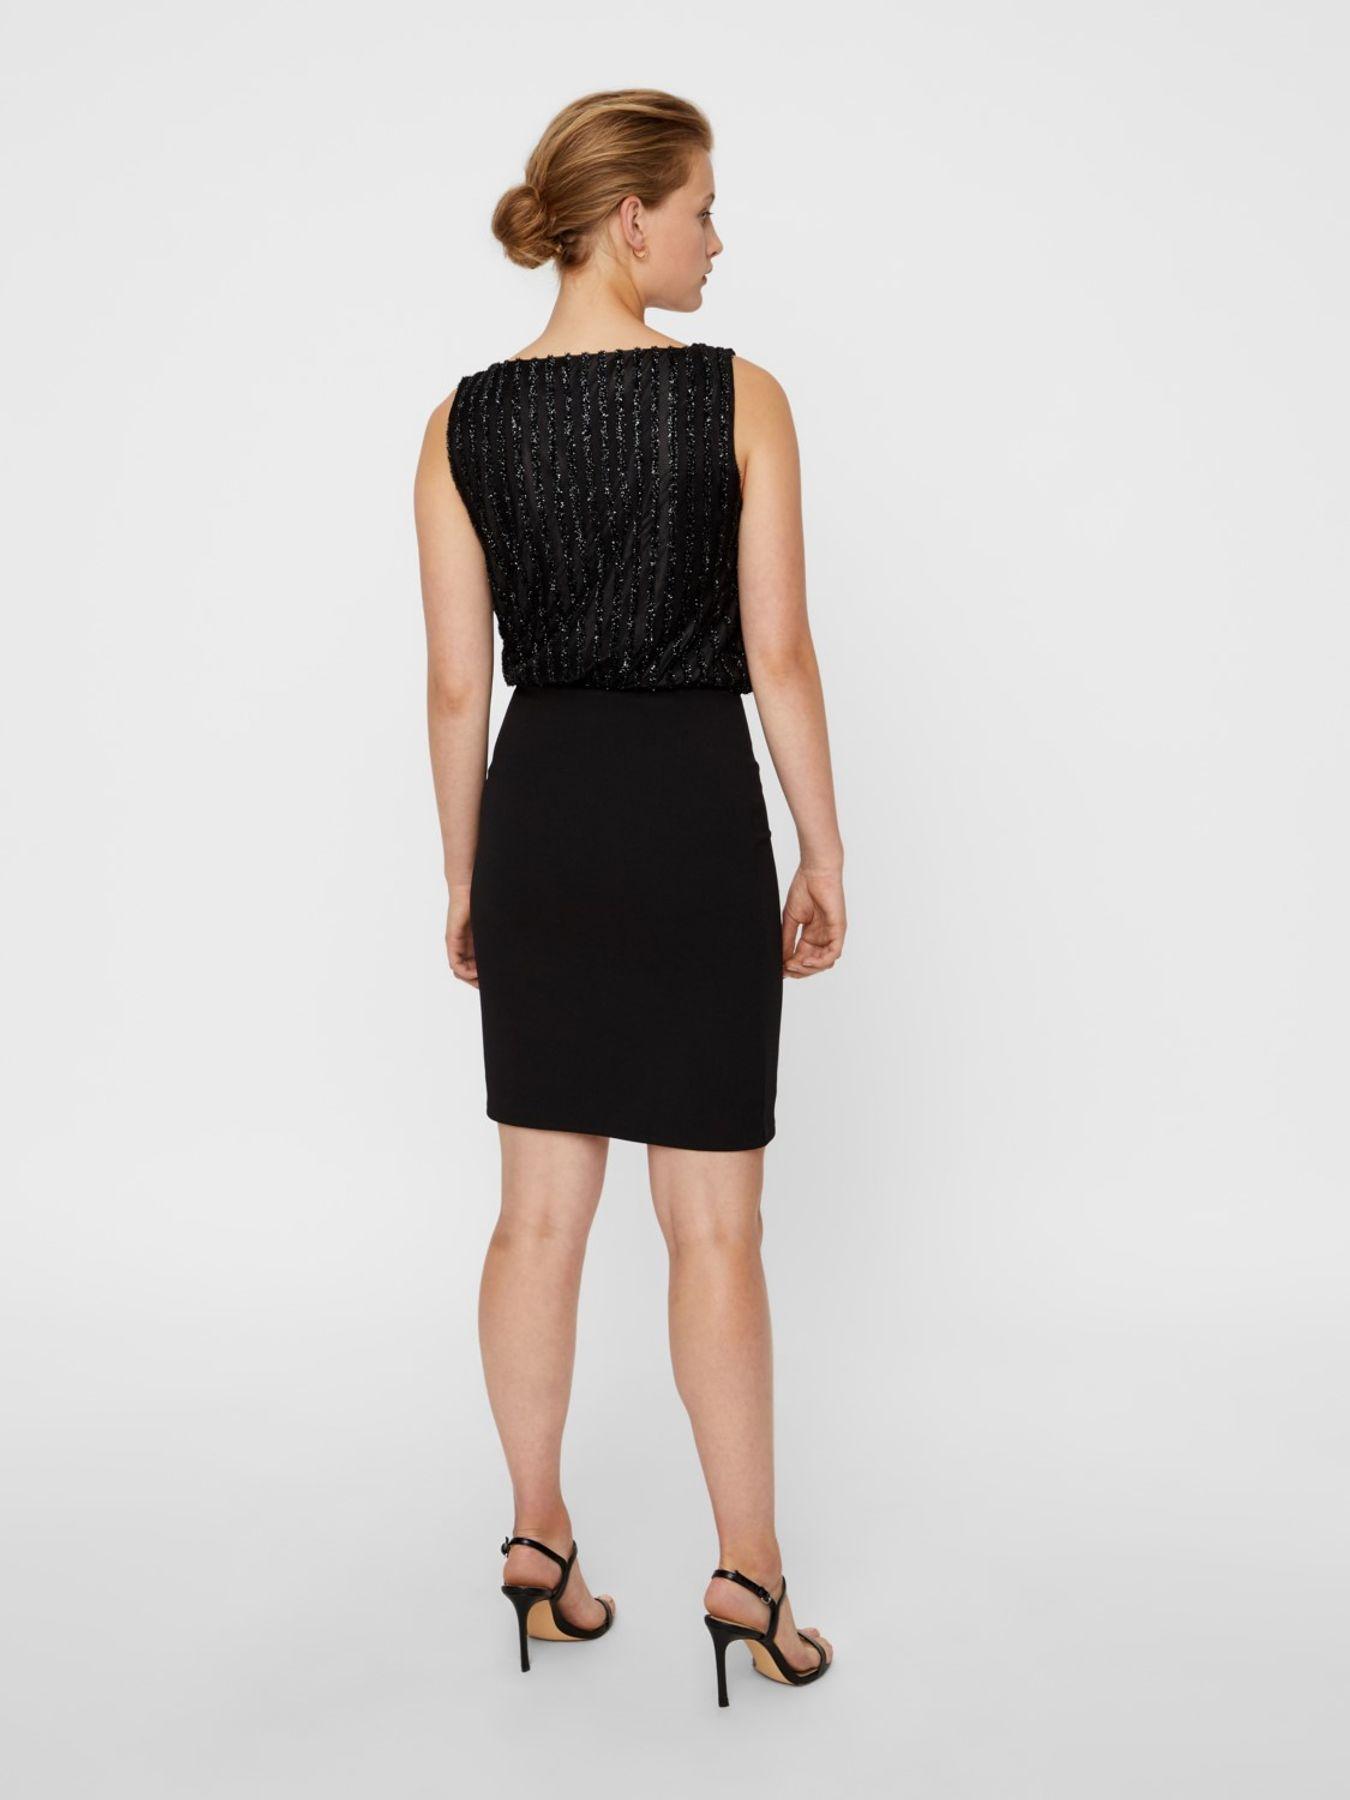 VERO MODA - Damen Kleid in Blau oder schwarz (10207332) – Bild 3